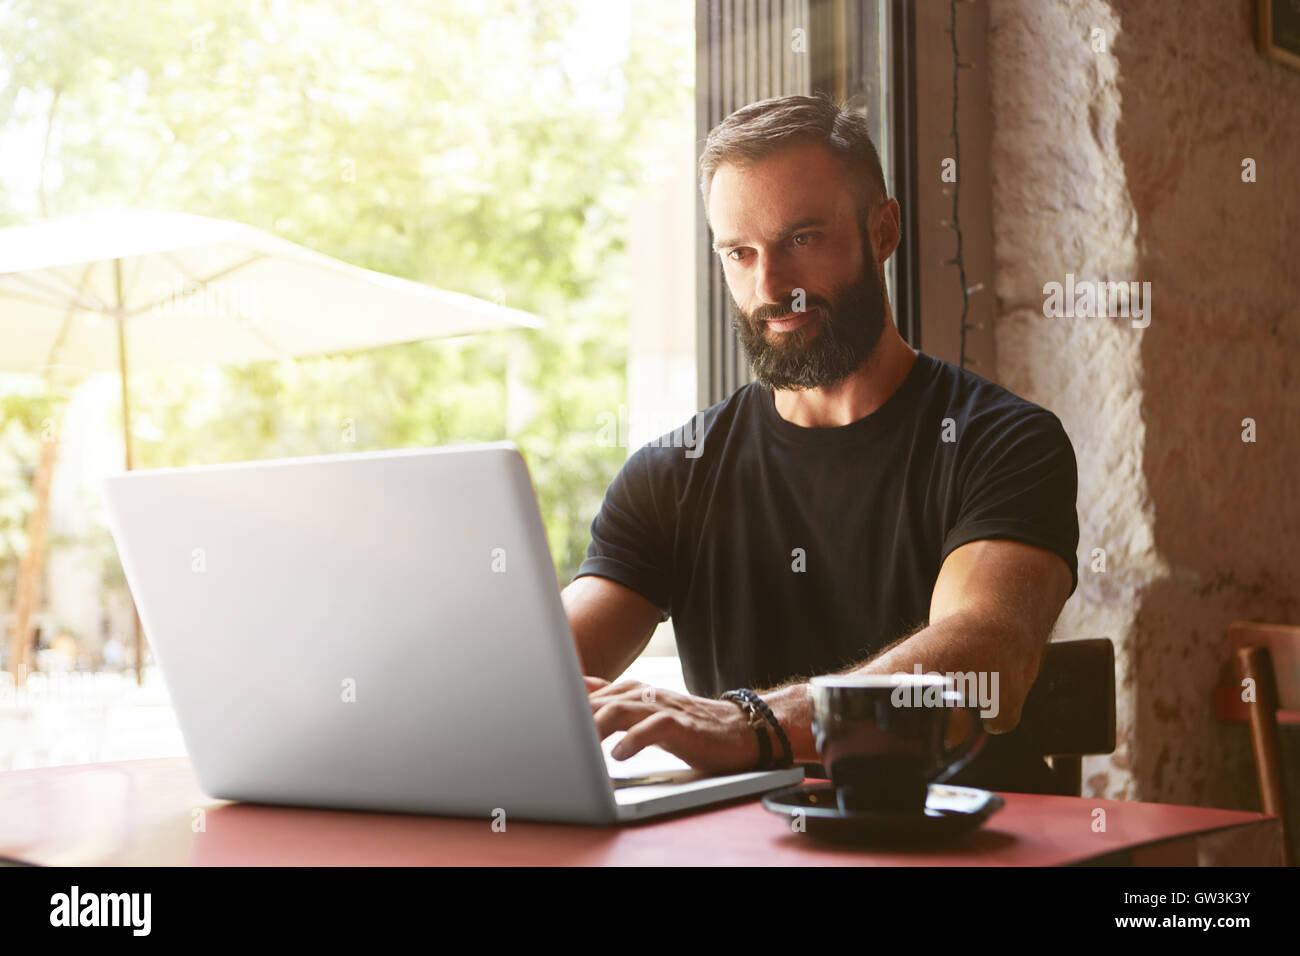 Gut aussehend bärtigen Geschäftsmann tragen schwarze Tshirt arbeiten Laptop Holztisch Urban Cafe.Young Stockbild